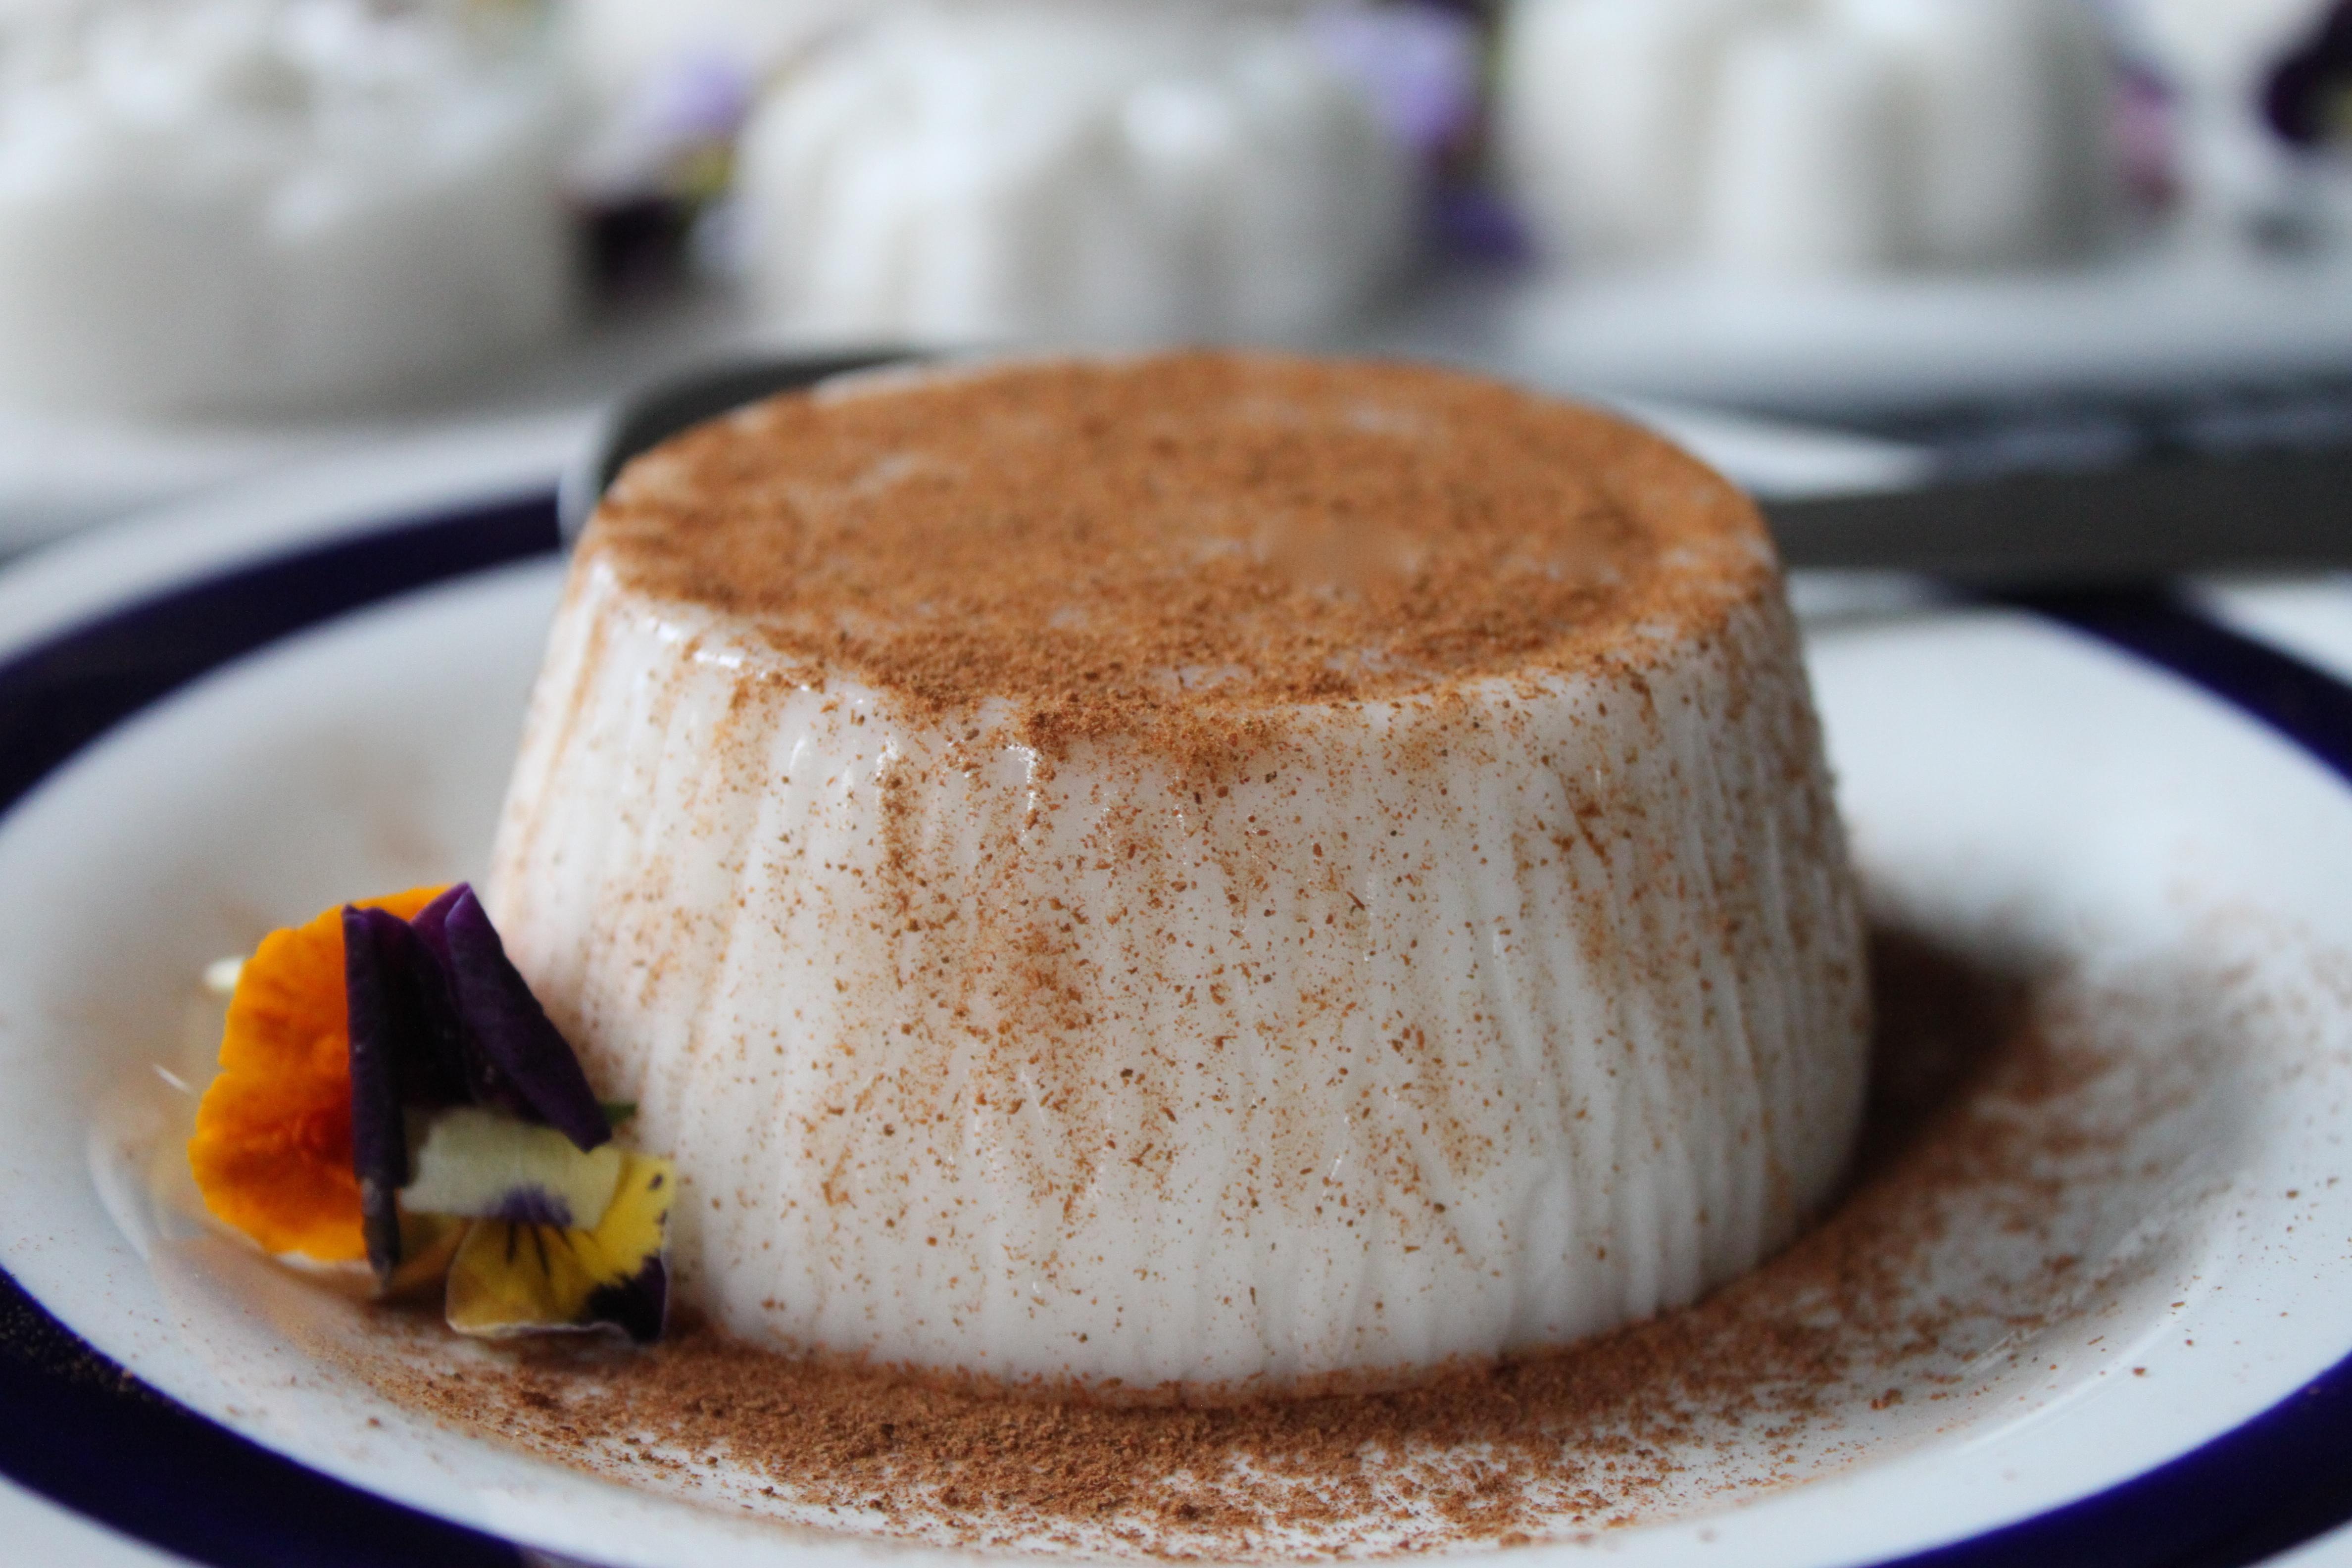 Here's an easy recipe: www.recipezaar.com/Tembleque